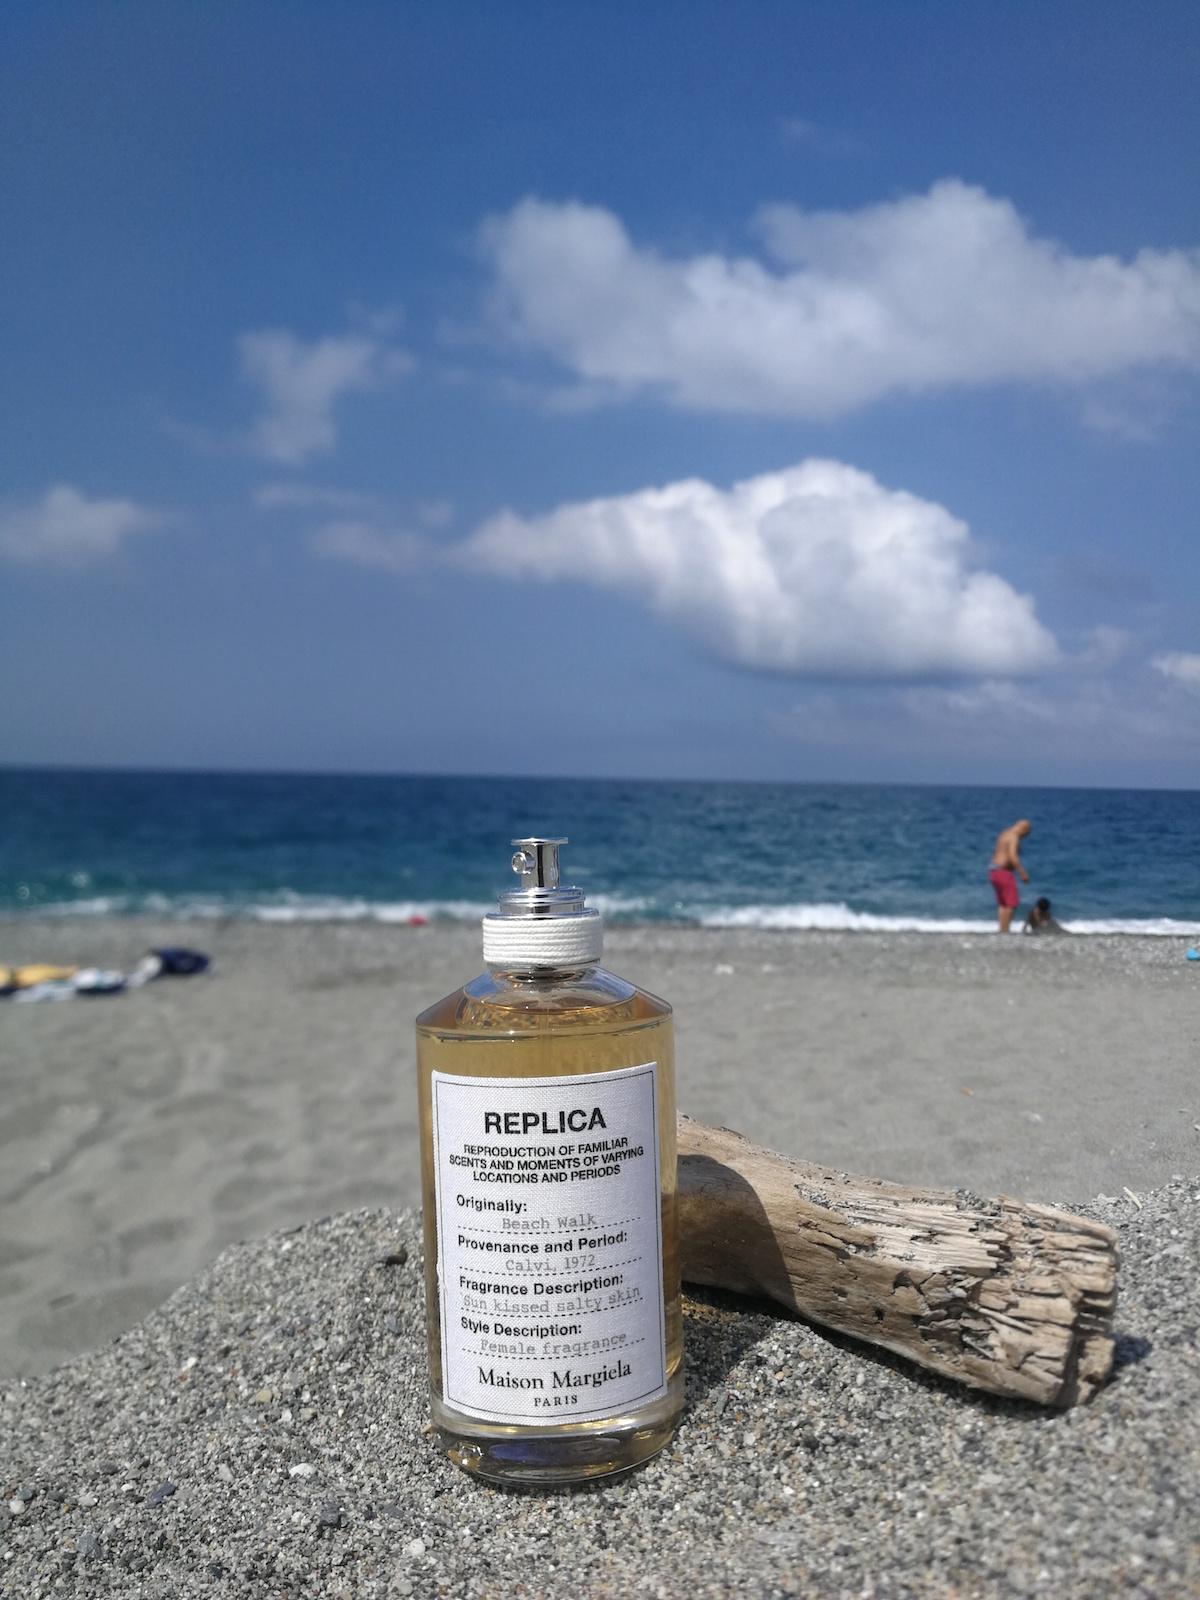 outlet store 79b09 92cf2 Beach Walk, Maison Margiela Replica: l'estate in un profumo ...